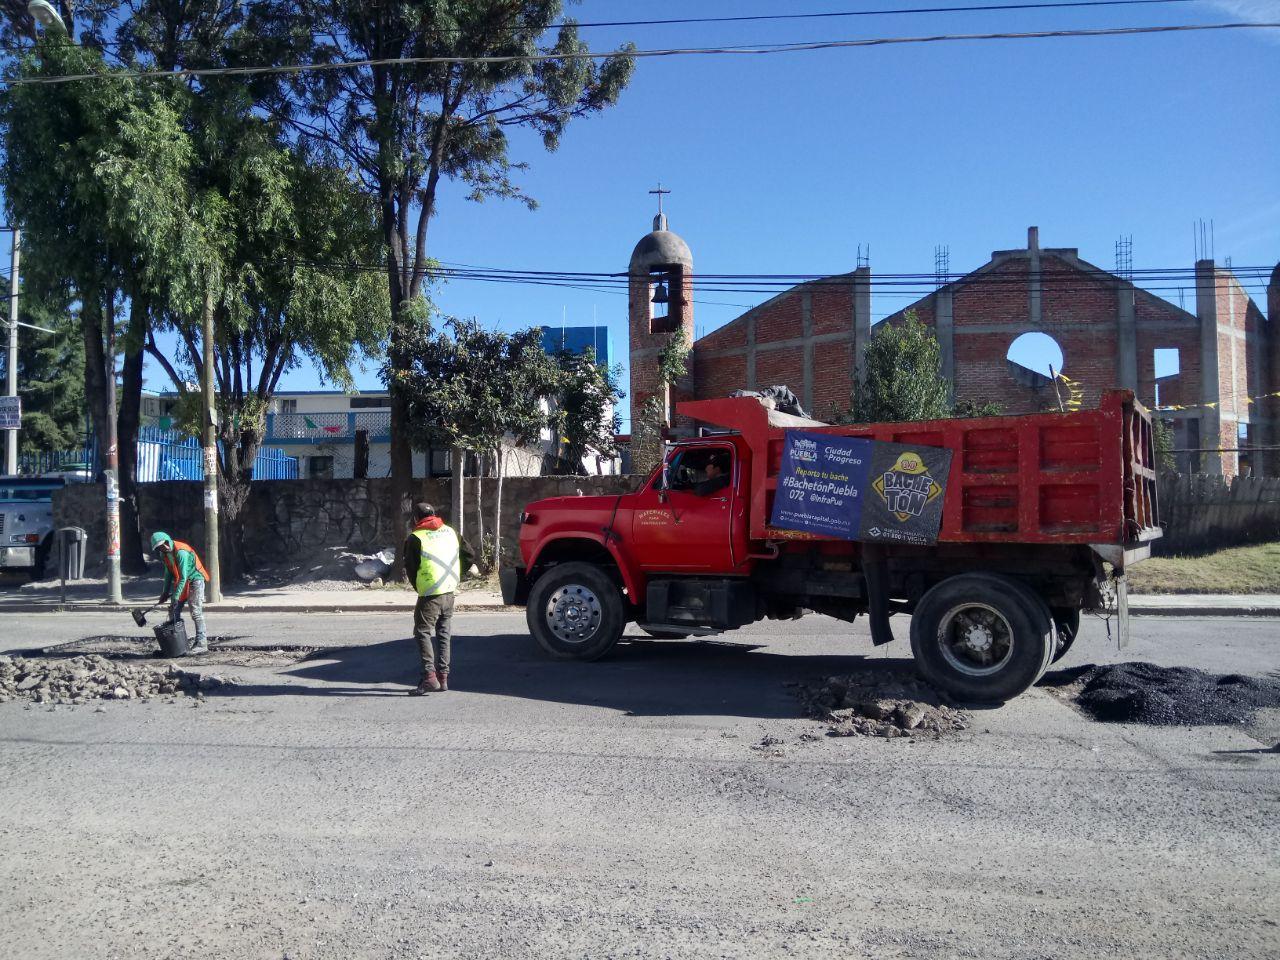 Cuadrillas de bachetón 3.0 siguen labor en calles de Puebla